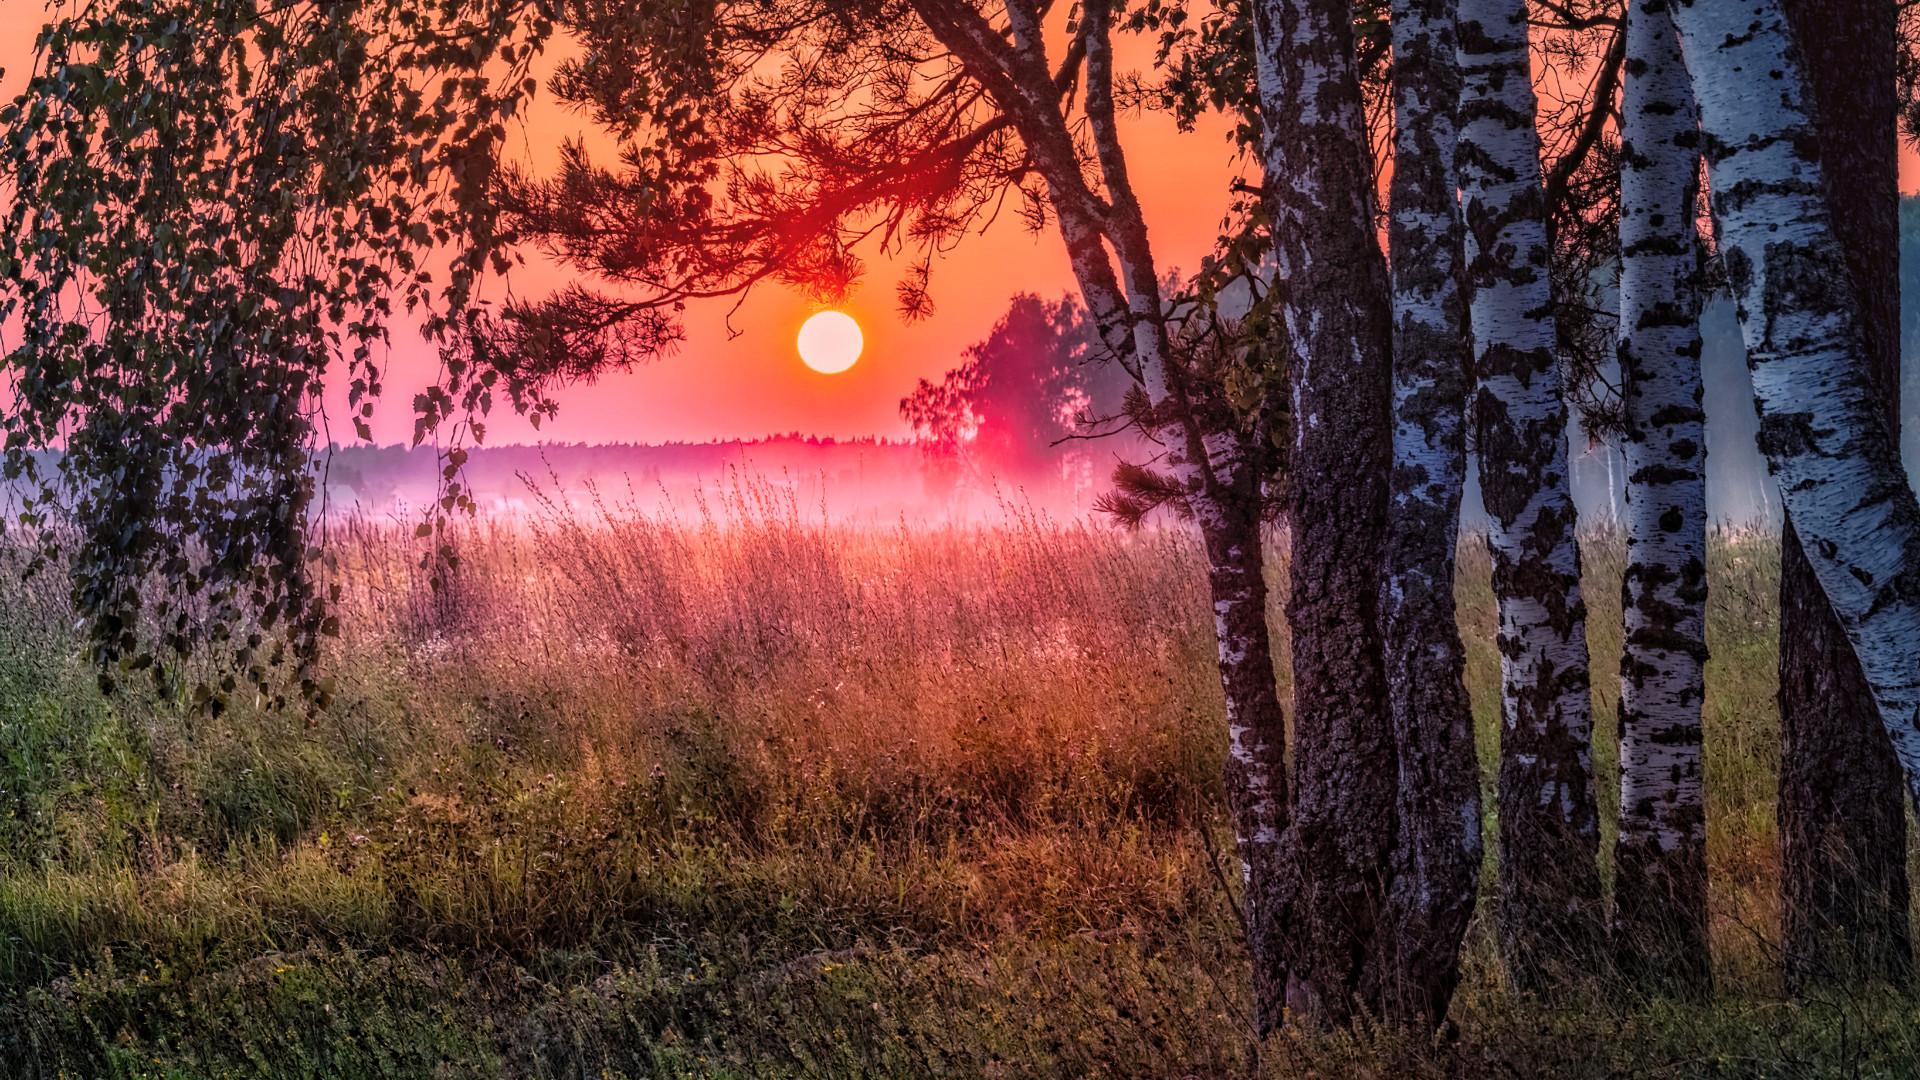 风景大片,落日余晖,树林,草原